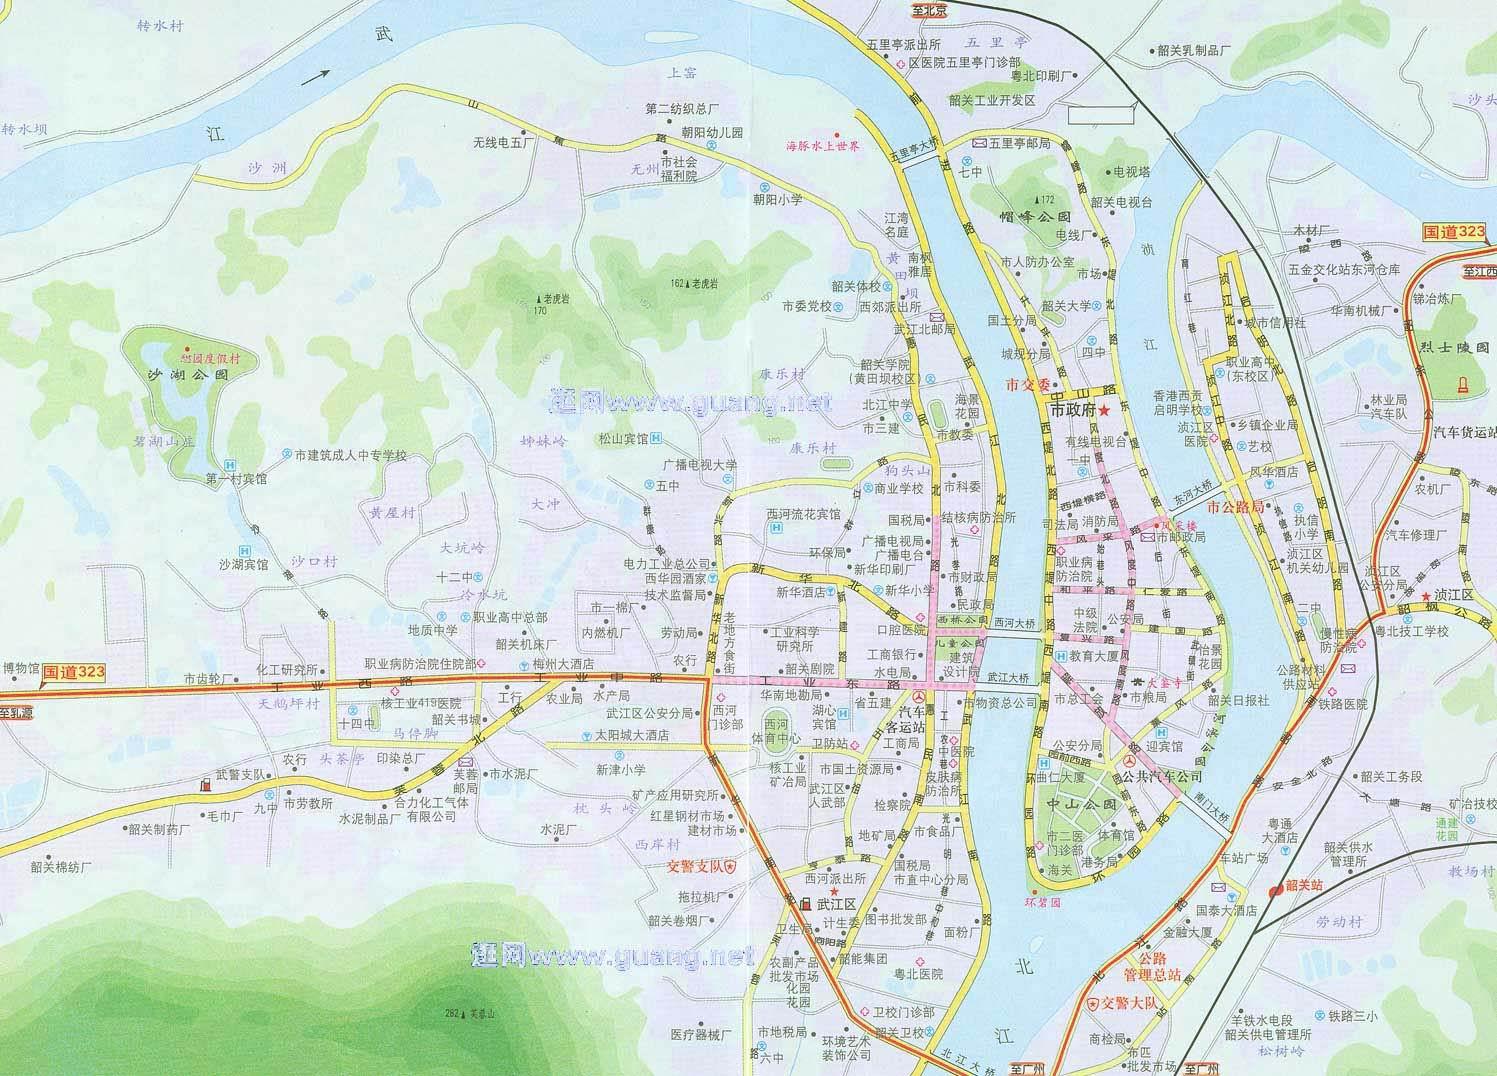 韶关地图,韶关市区地图 高清图片